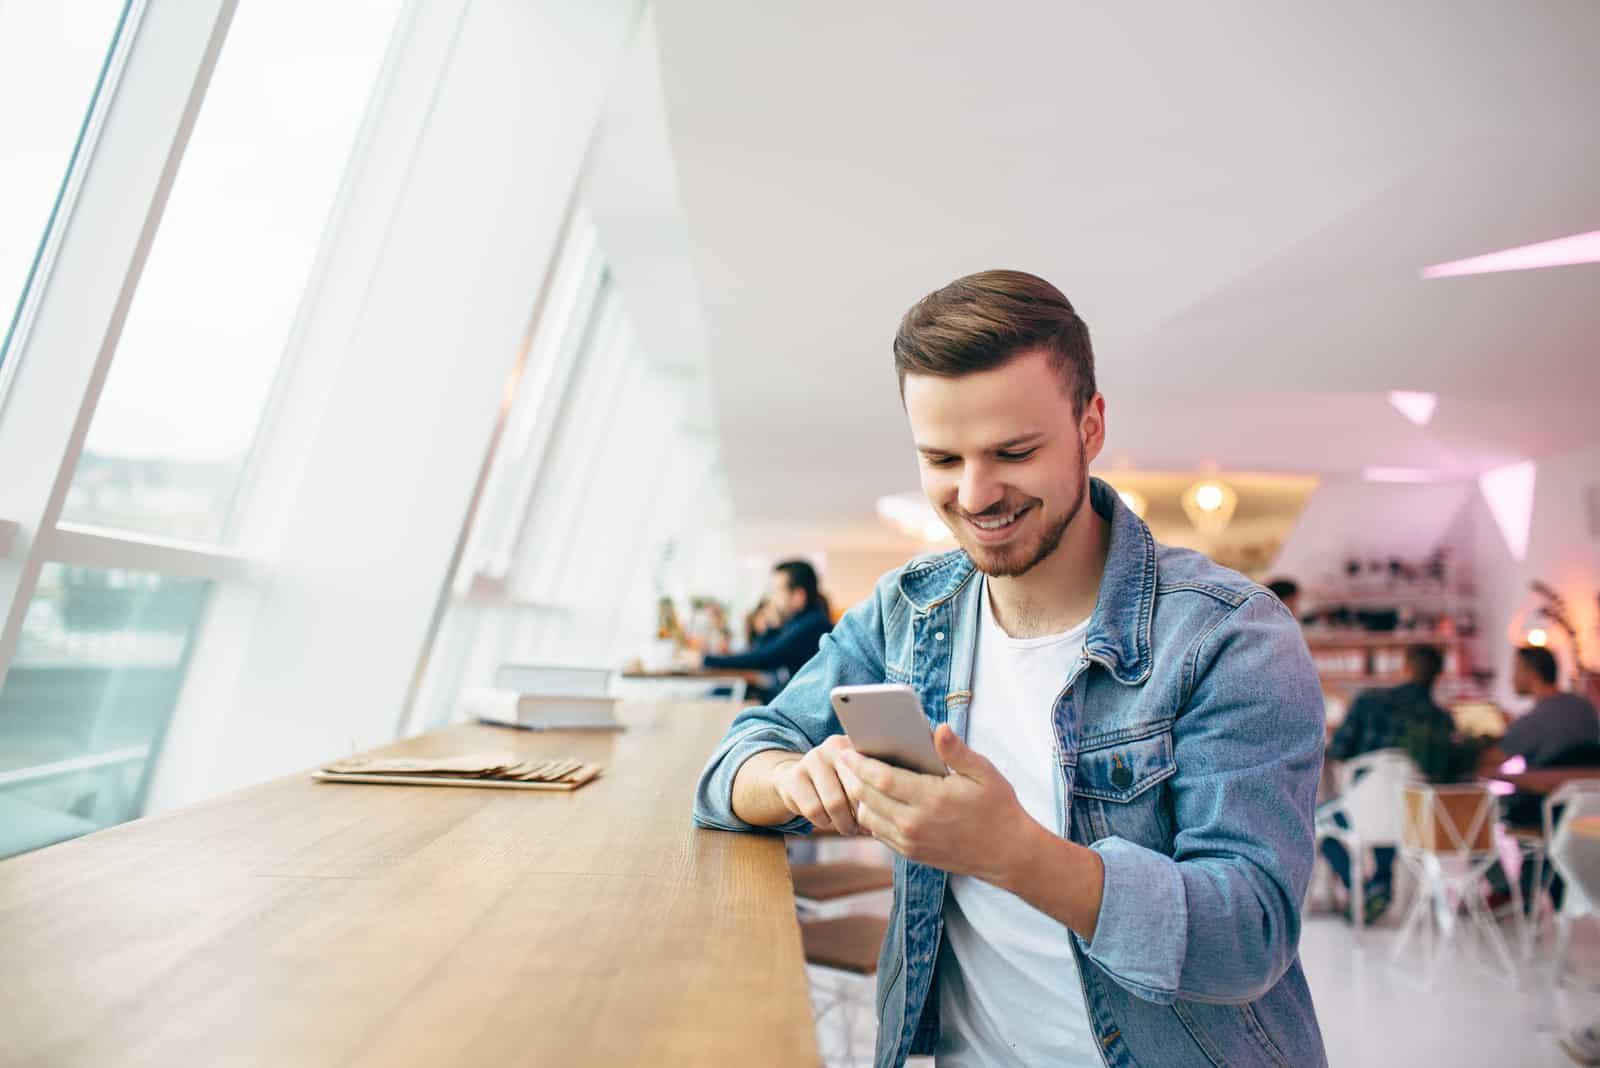 un homme souriant assis à une table et appuyant sur un téléphone